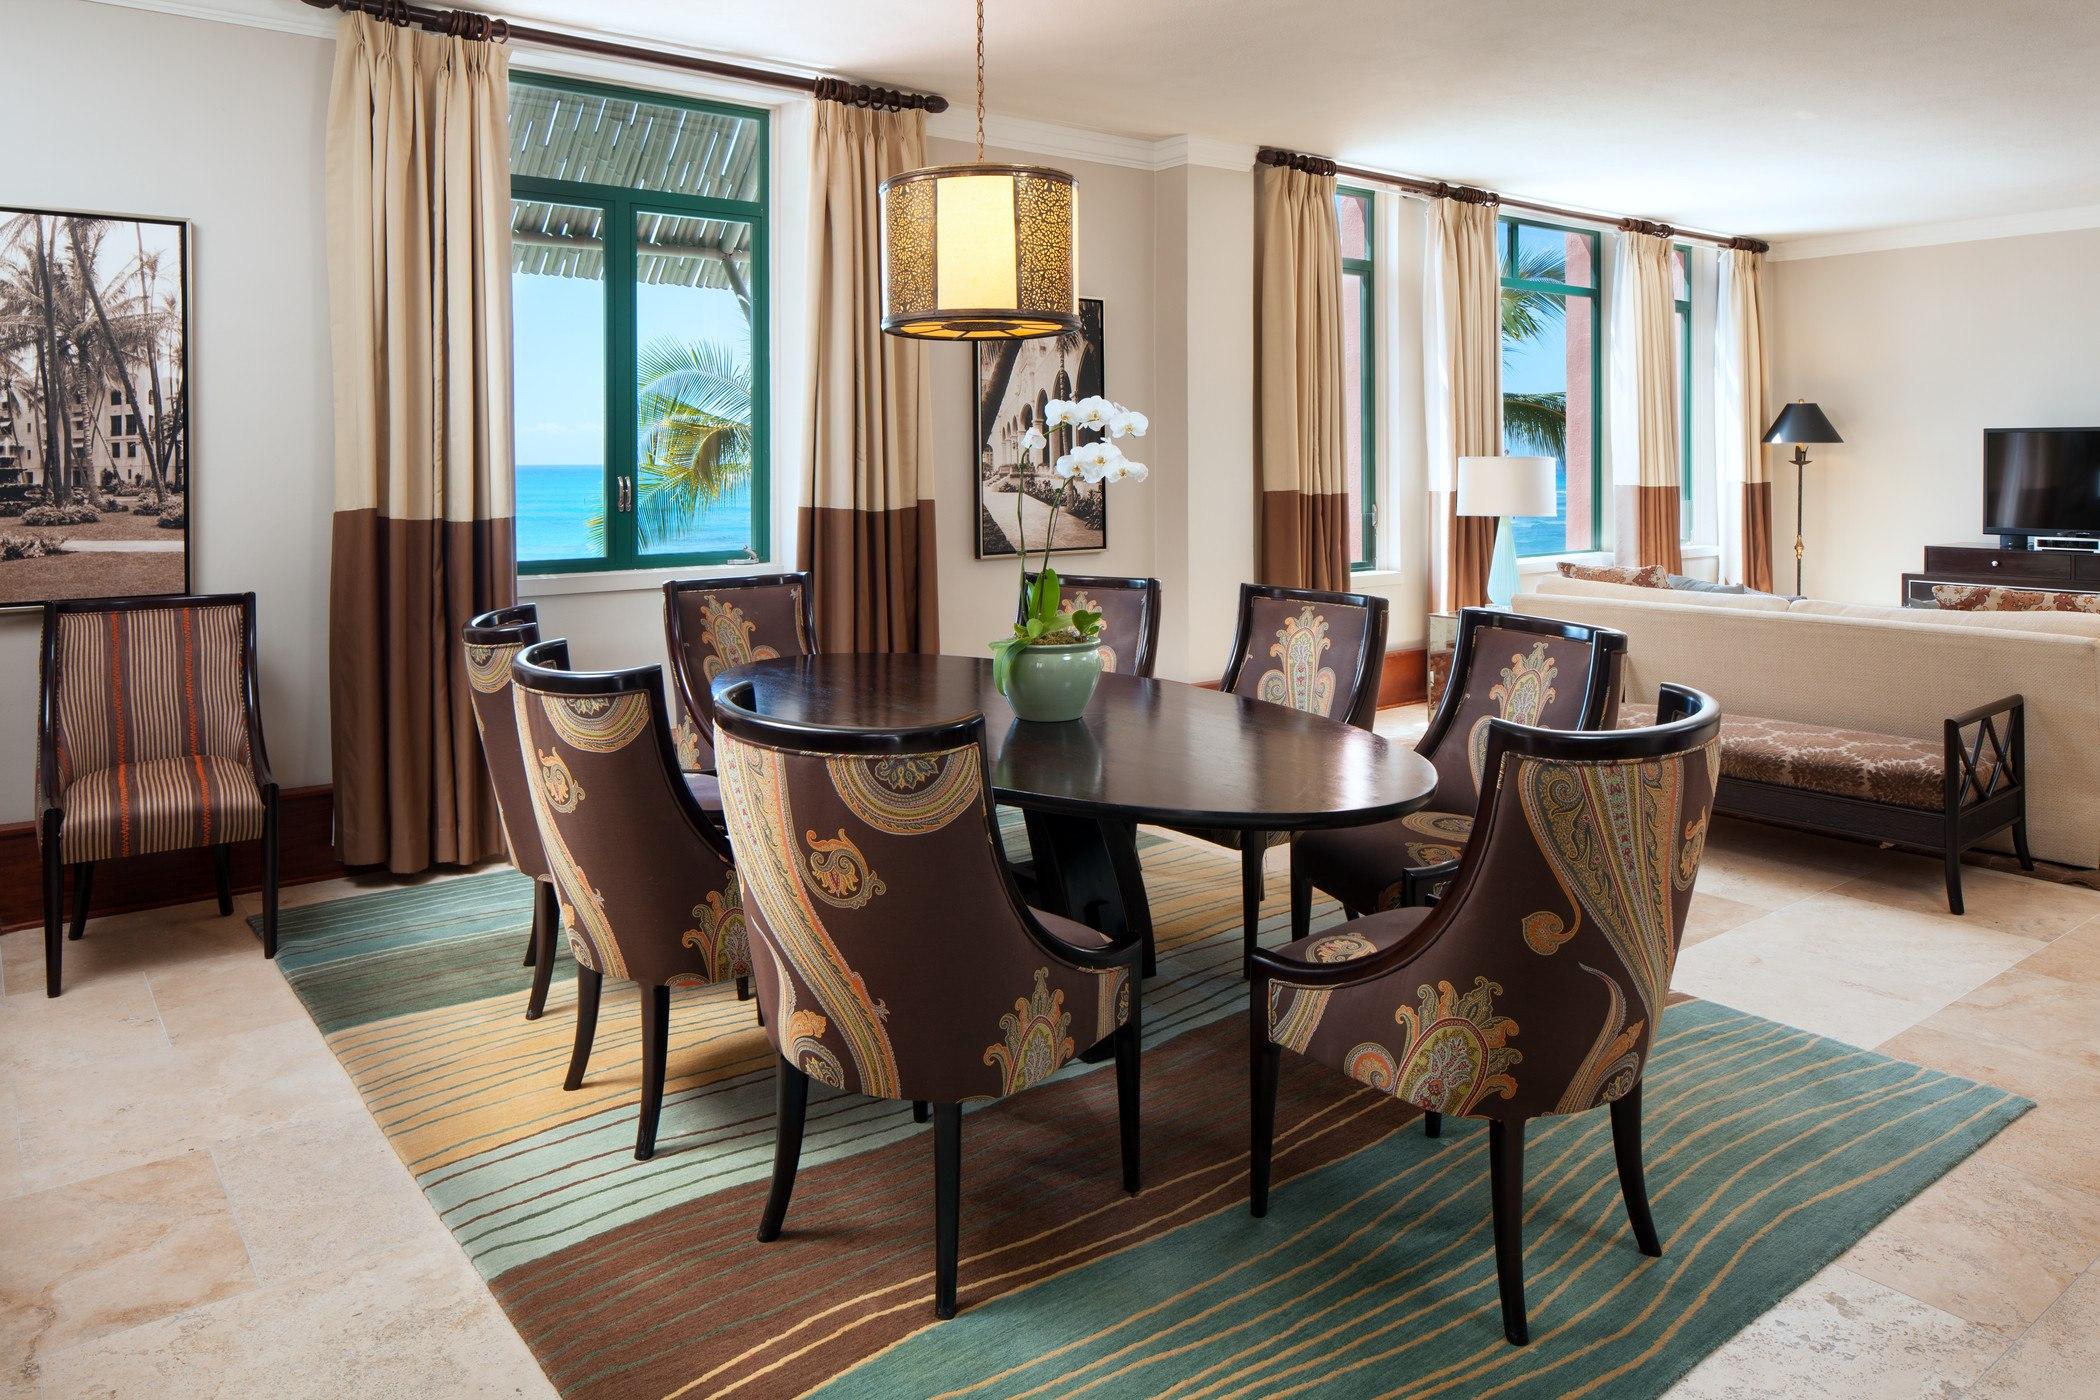 Royal Hawaiian Suite – The Royal Hawaiian